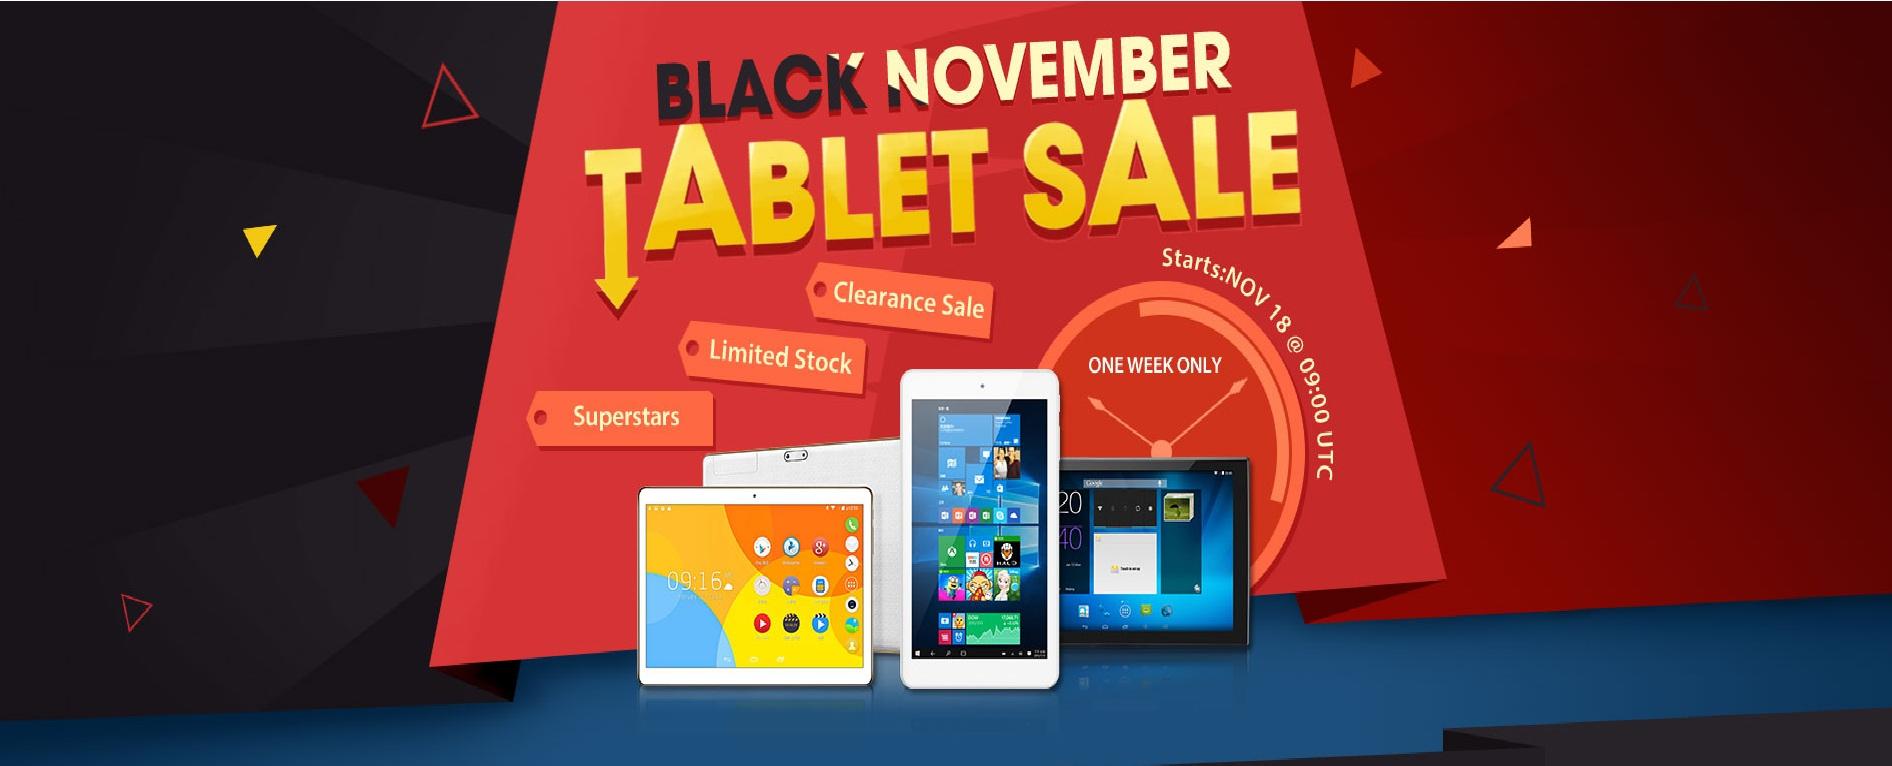 Black November Tablet Sale